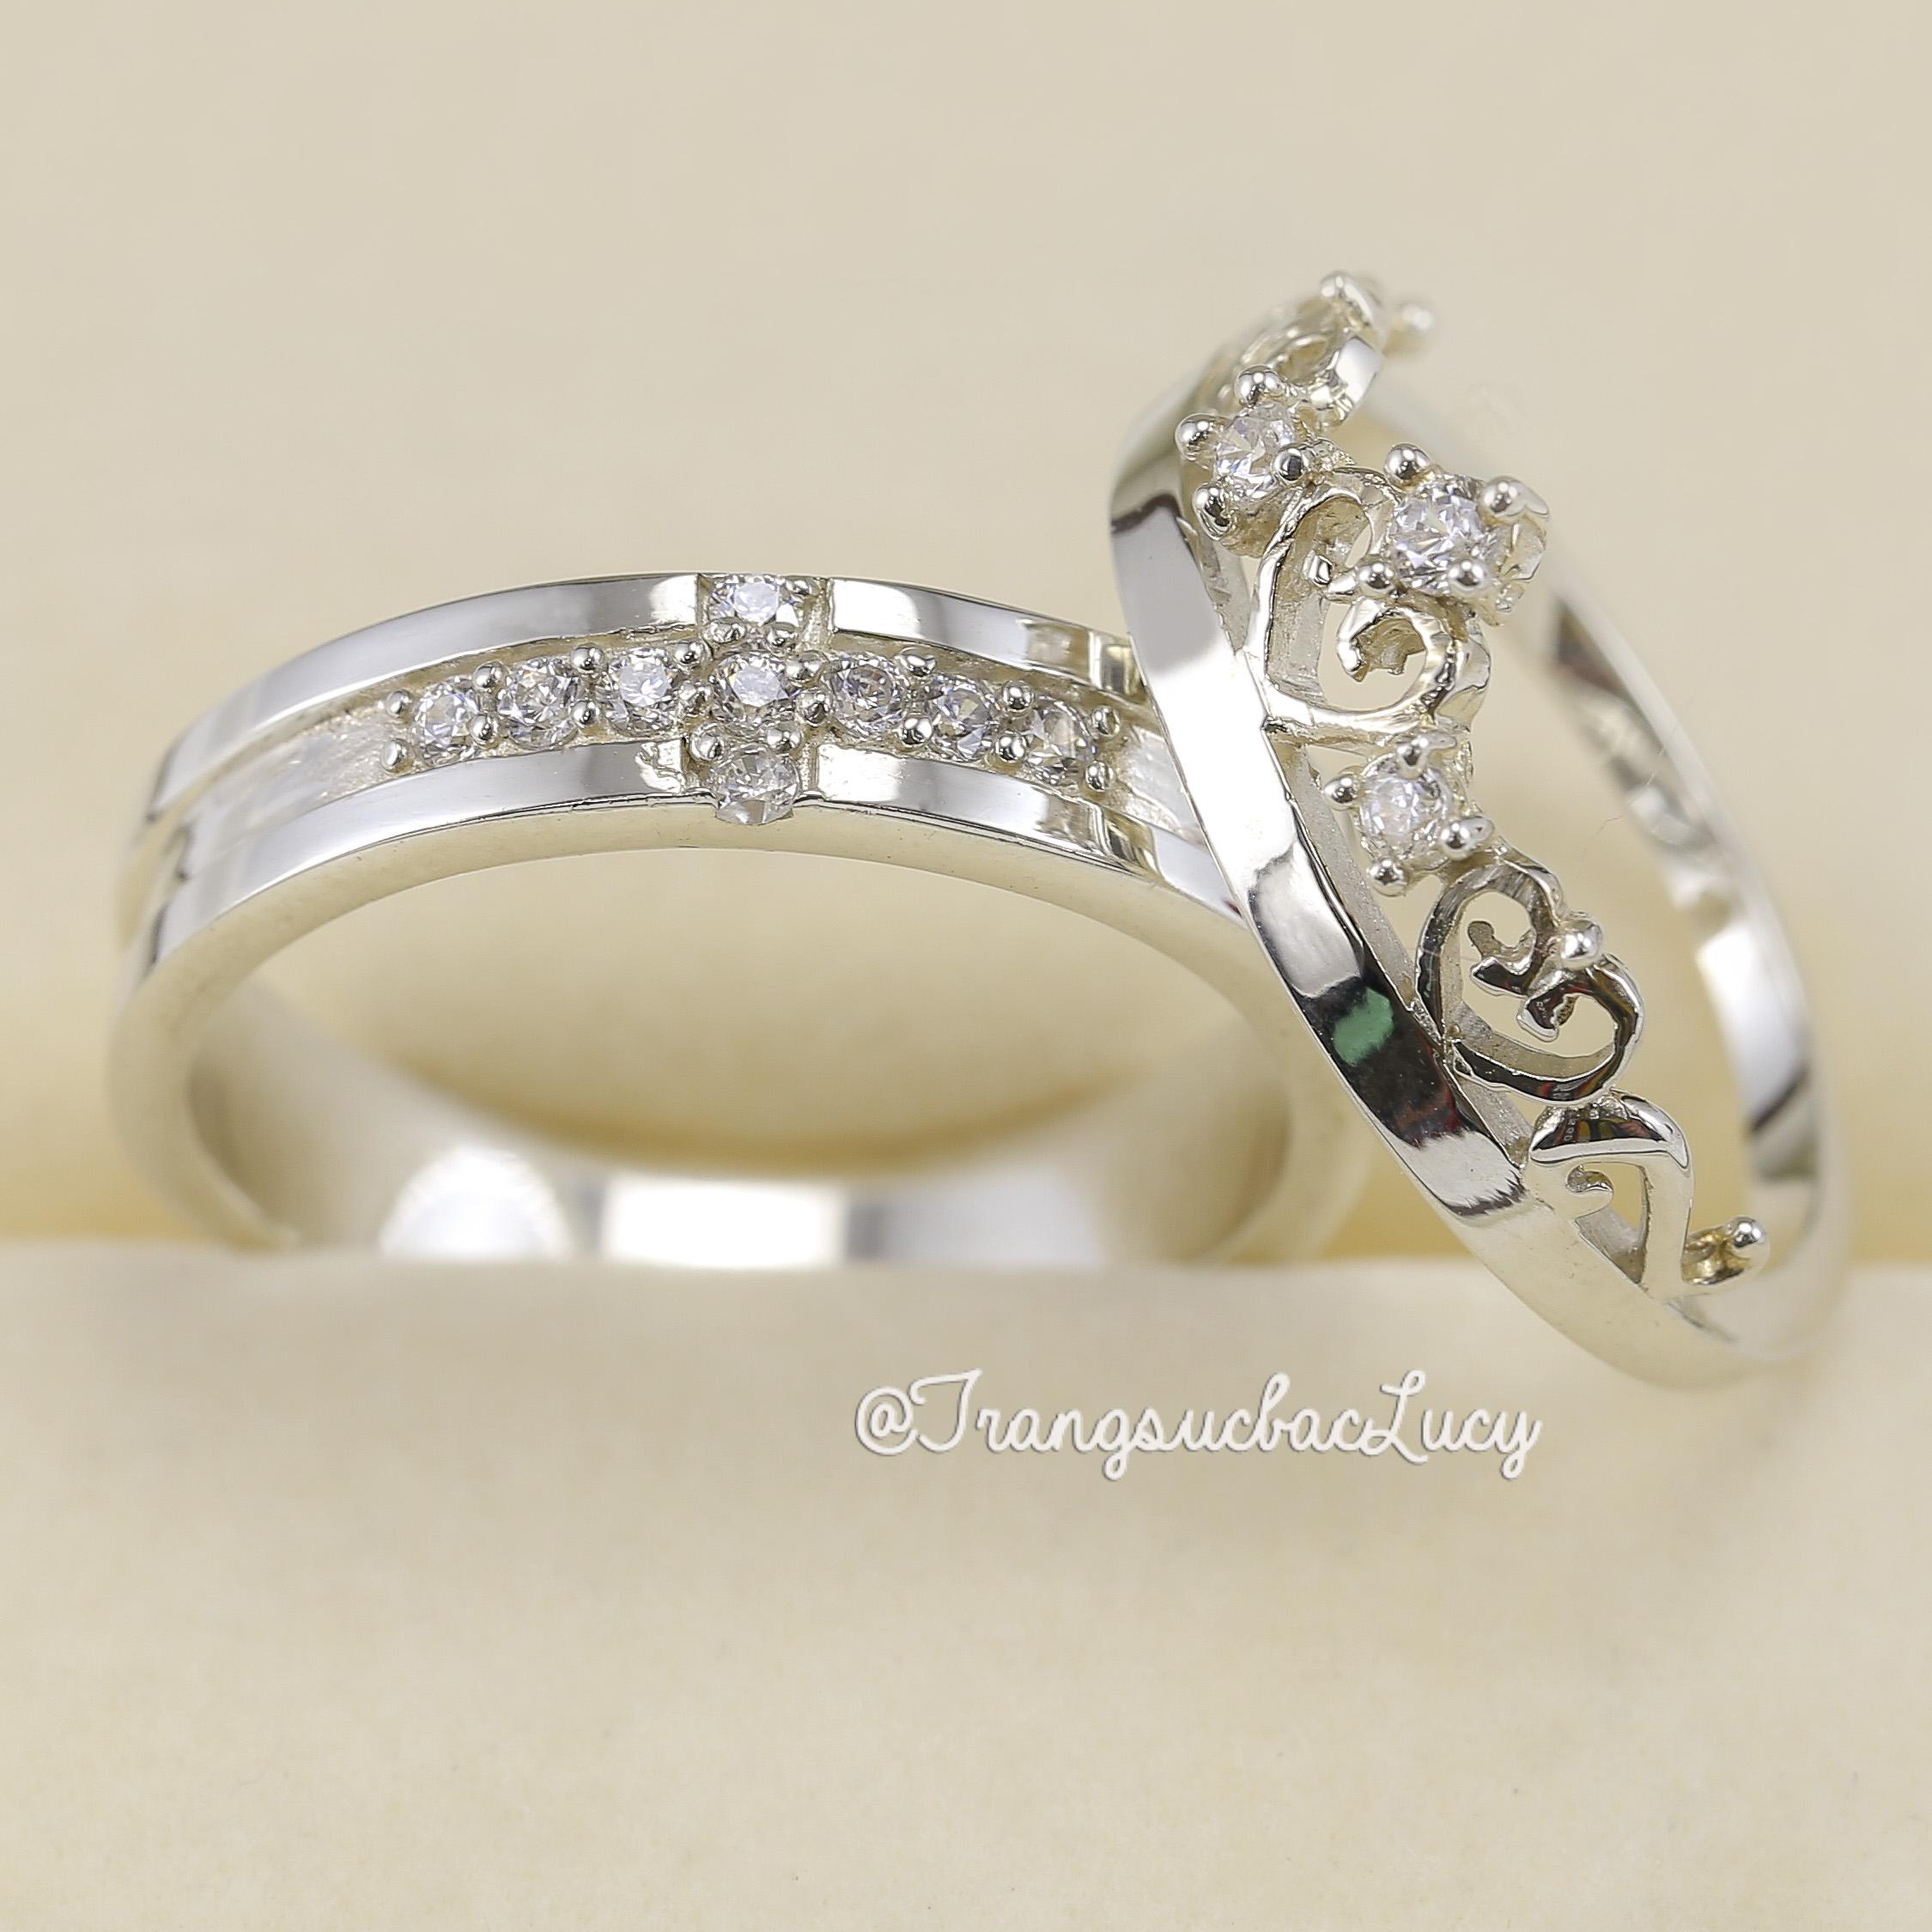 Nhẫn đôi nhẫn cặp bạc Lucy - ND014